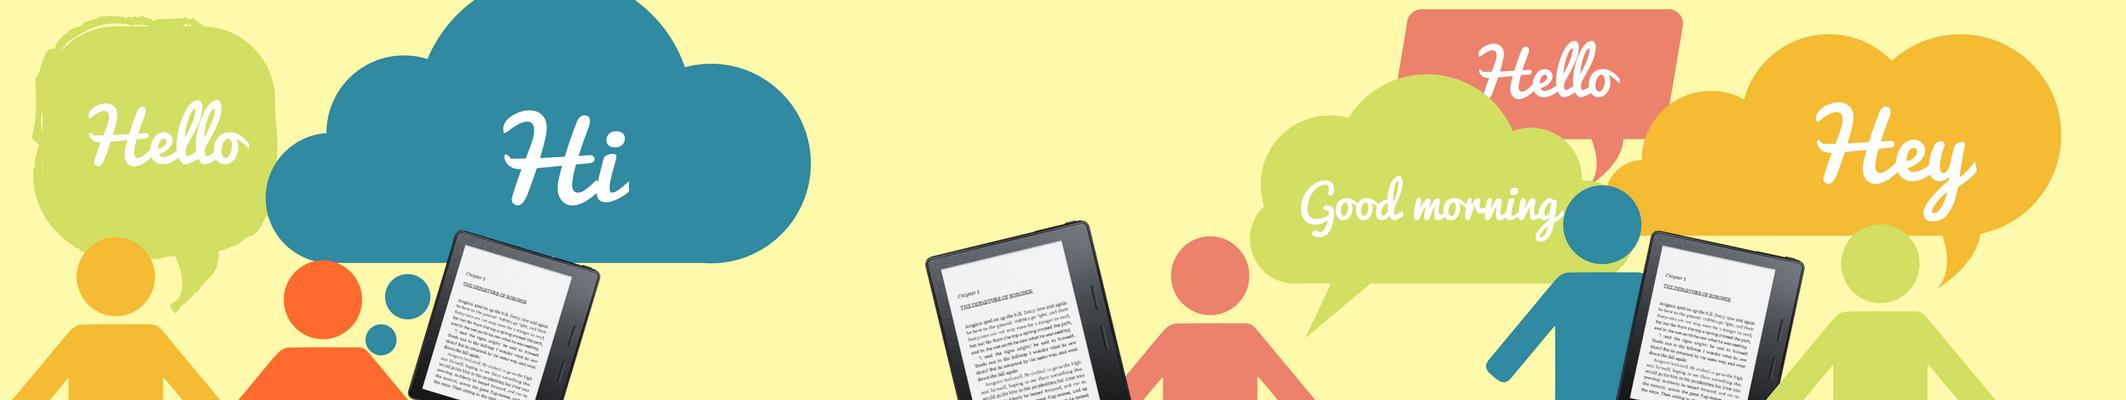 Opinie z forum na temat Kindle Oasis 2 w jednym miejscu! - www.naczytniku.pl